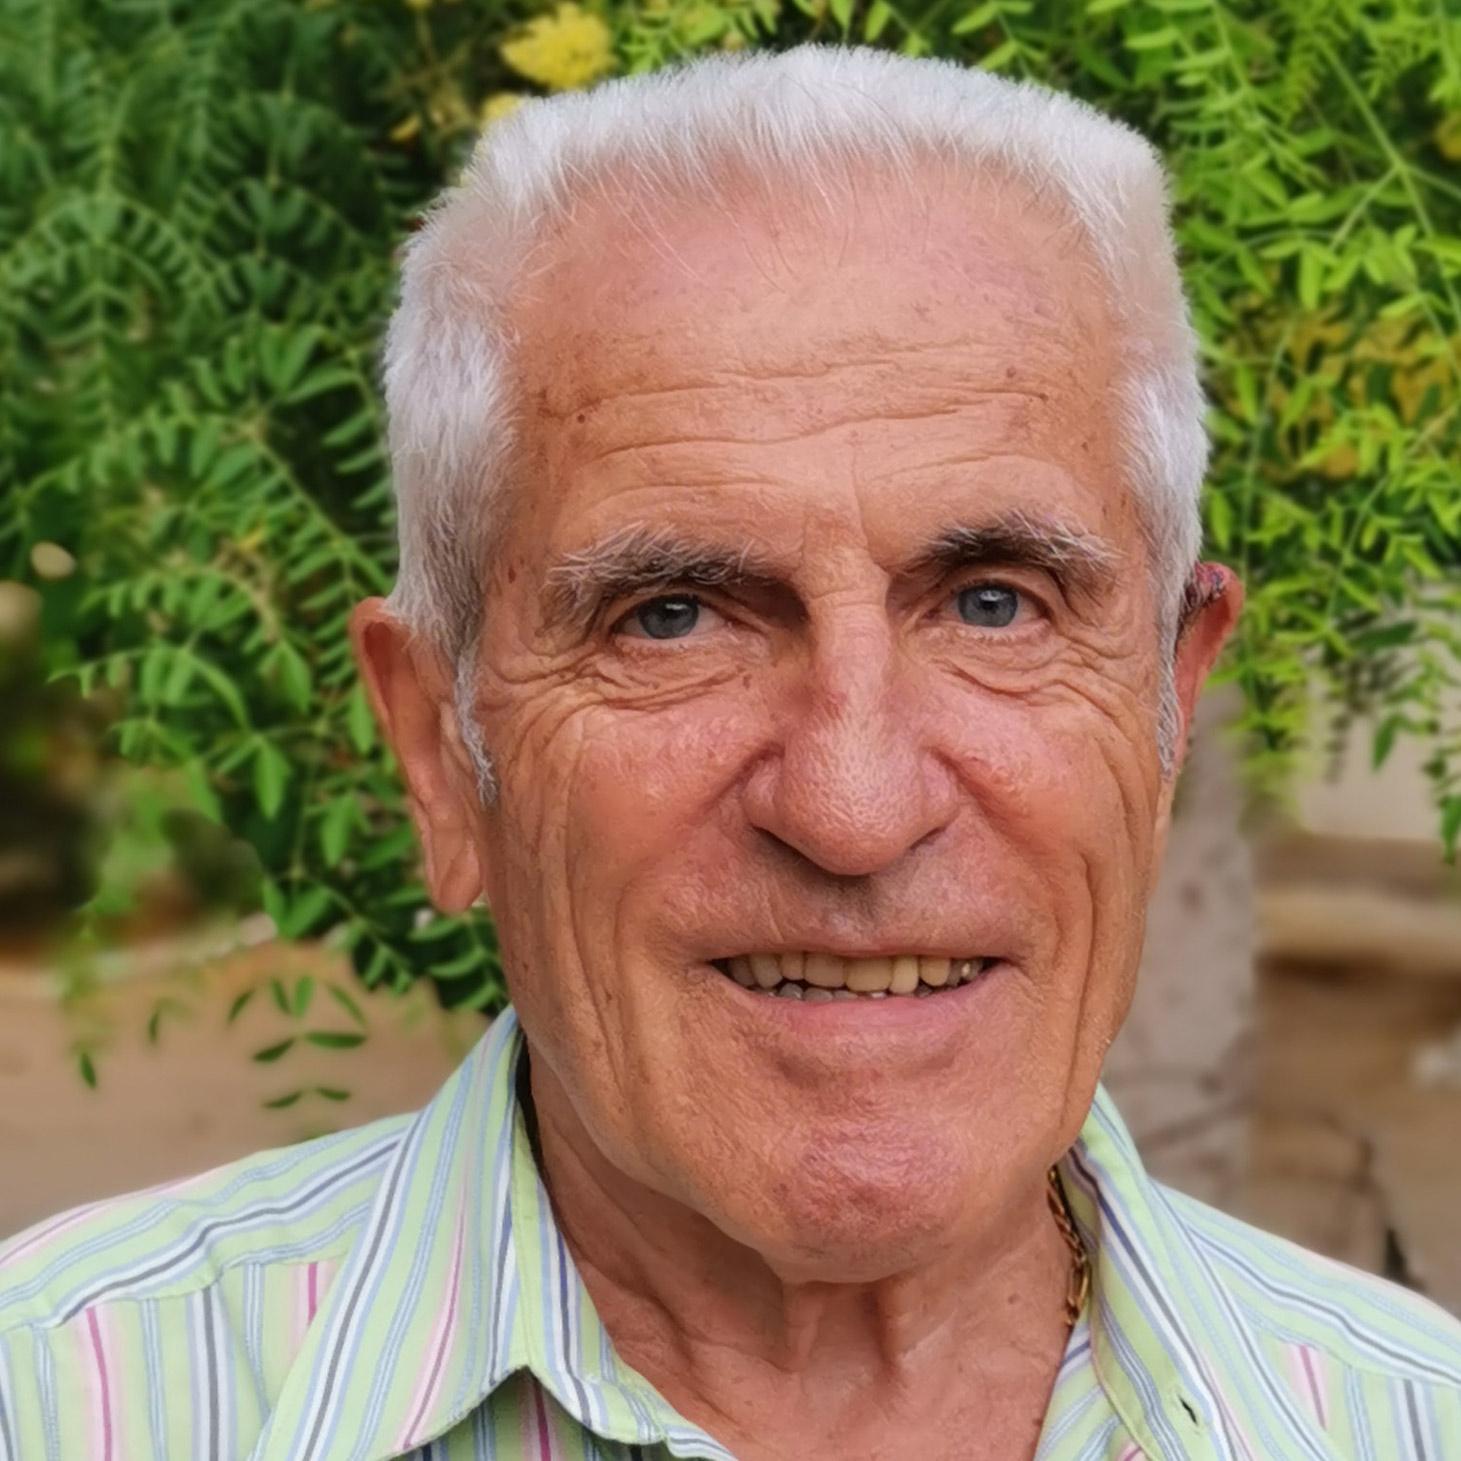 Dr Christian Tal Schaller